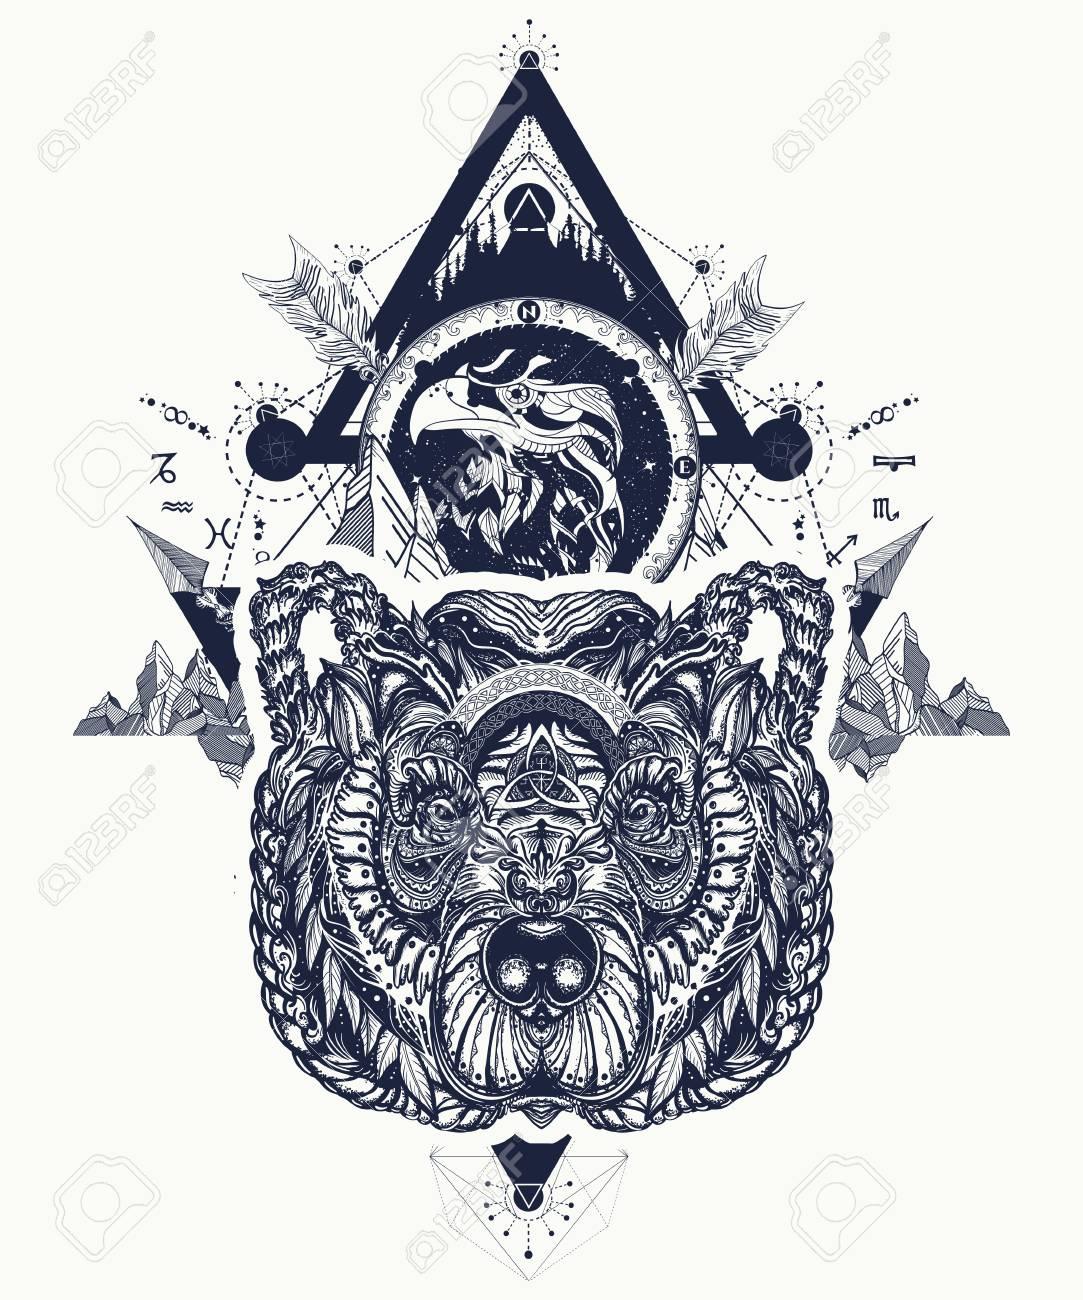 Art De Tatouage Aigle Et Ours Montagnes Fleches Croisees Foret